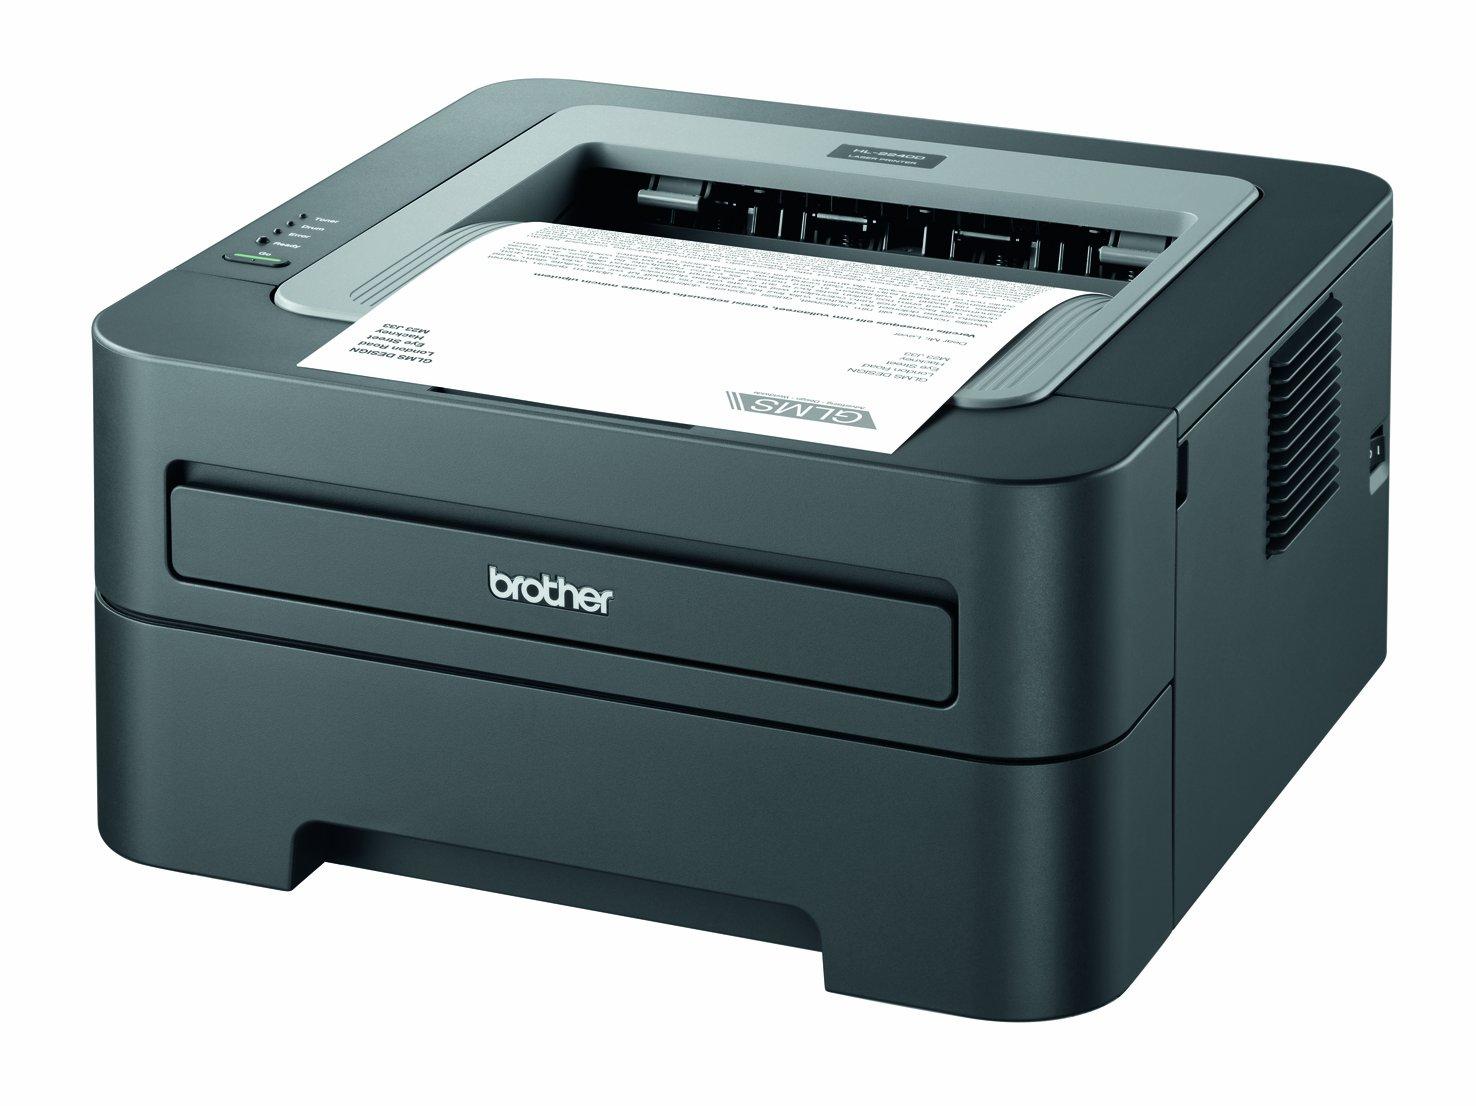 Скачать драйвер для принтера brother hl 2240r